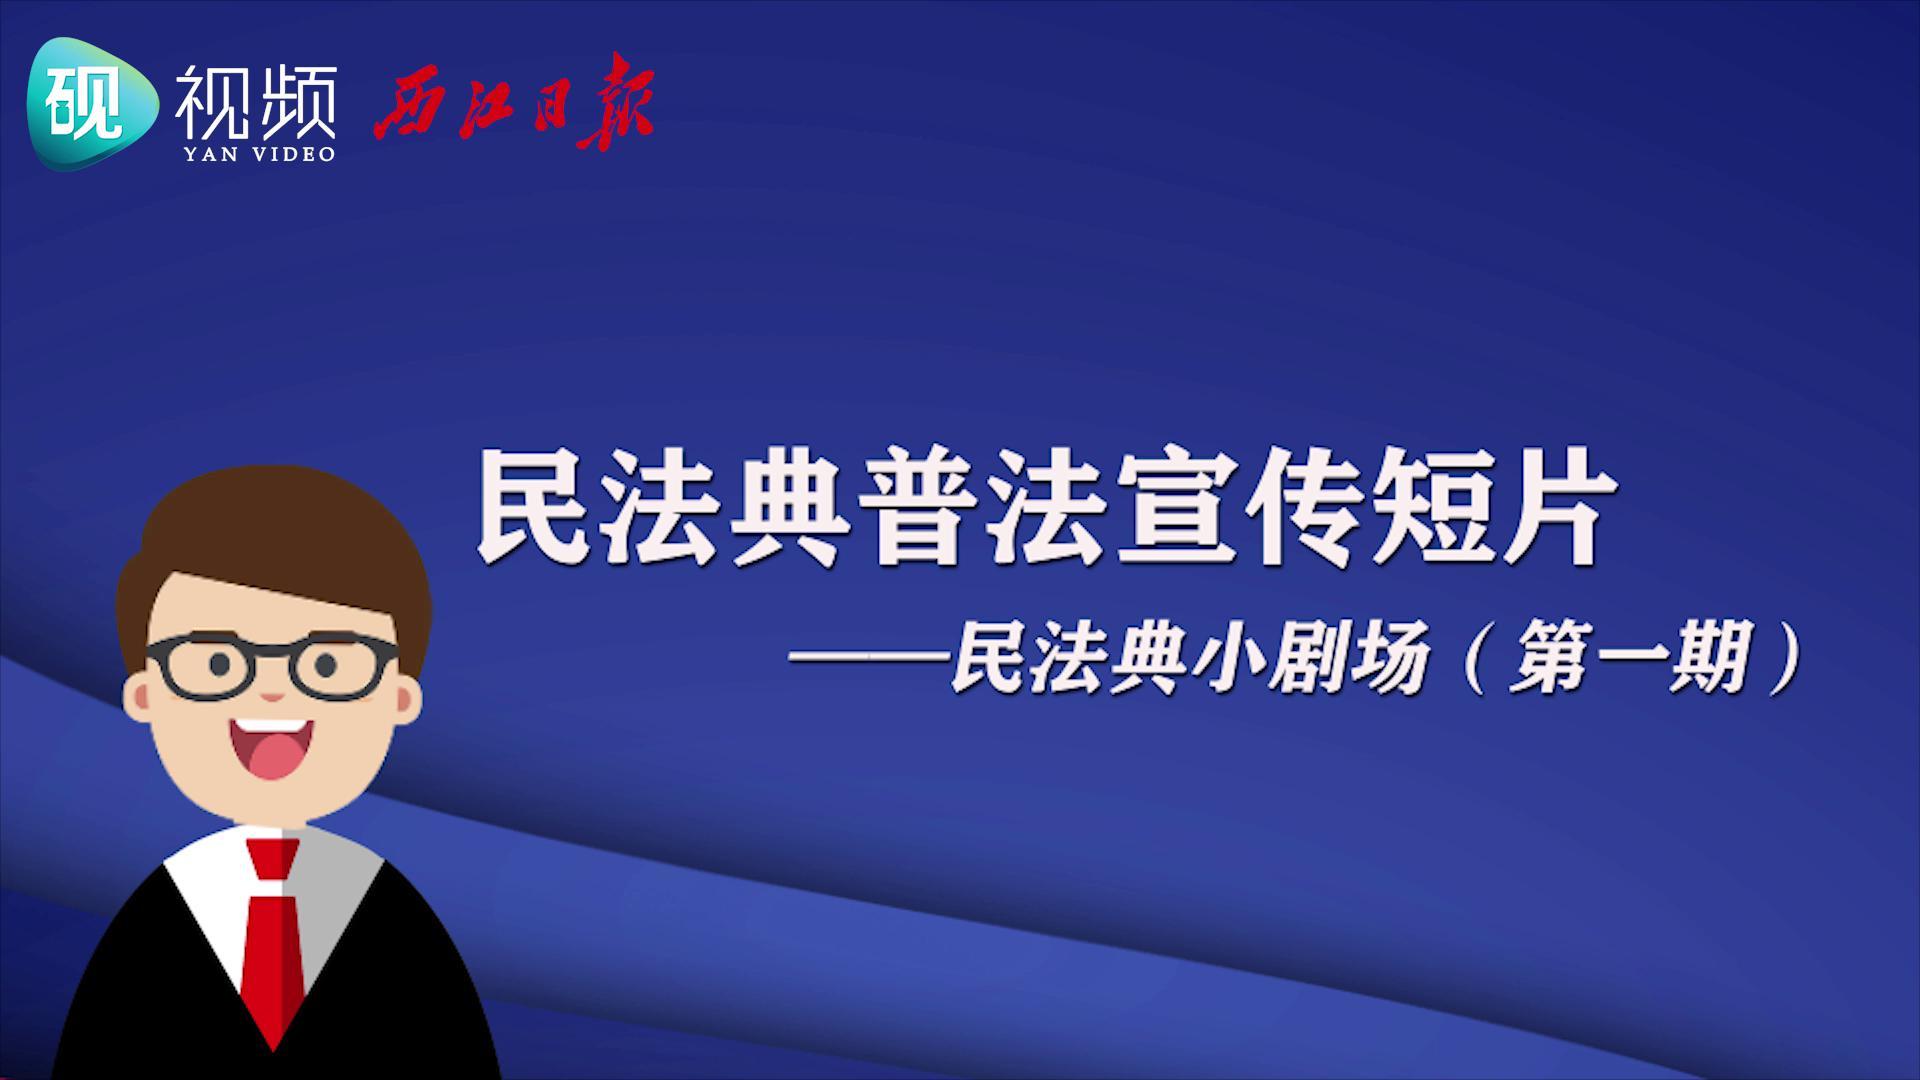 民法典普法宣传短片——民法典小剧场(第一期)